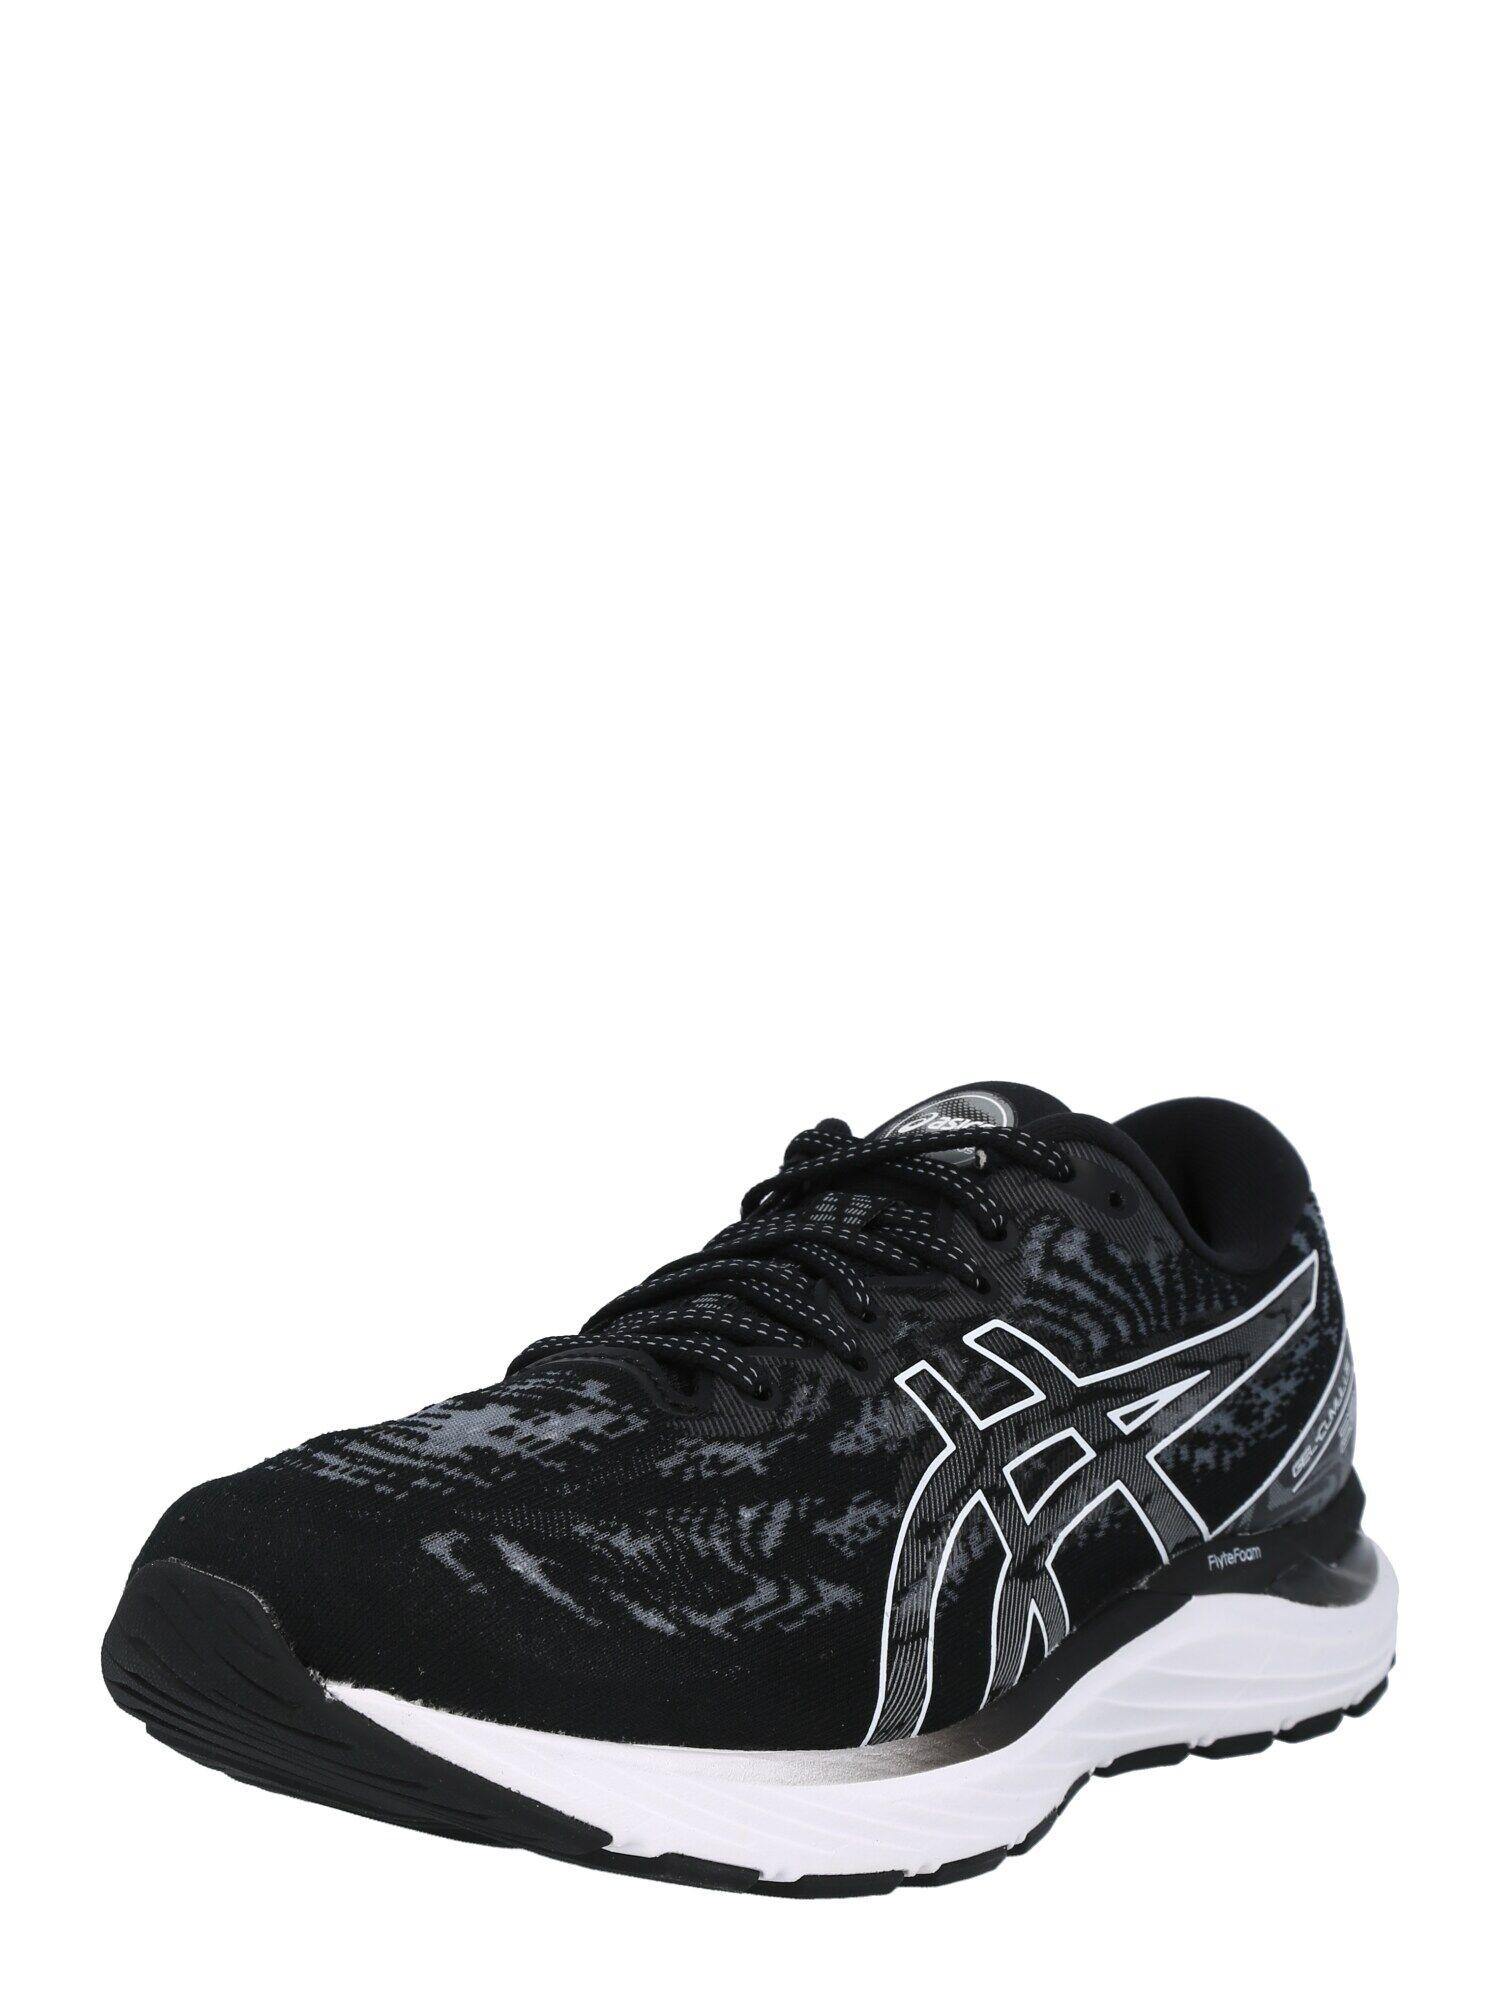 Asics Chaussure de course  - Noir - Taille: 42 - male